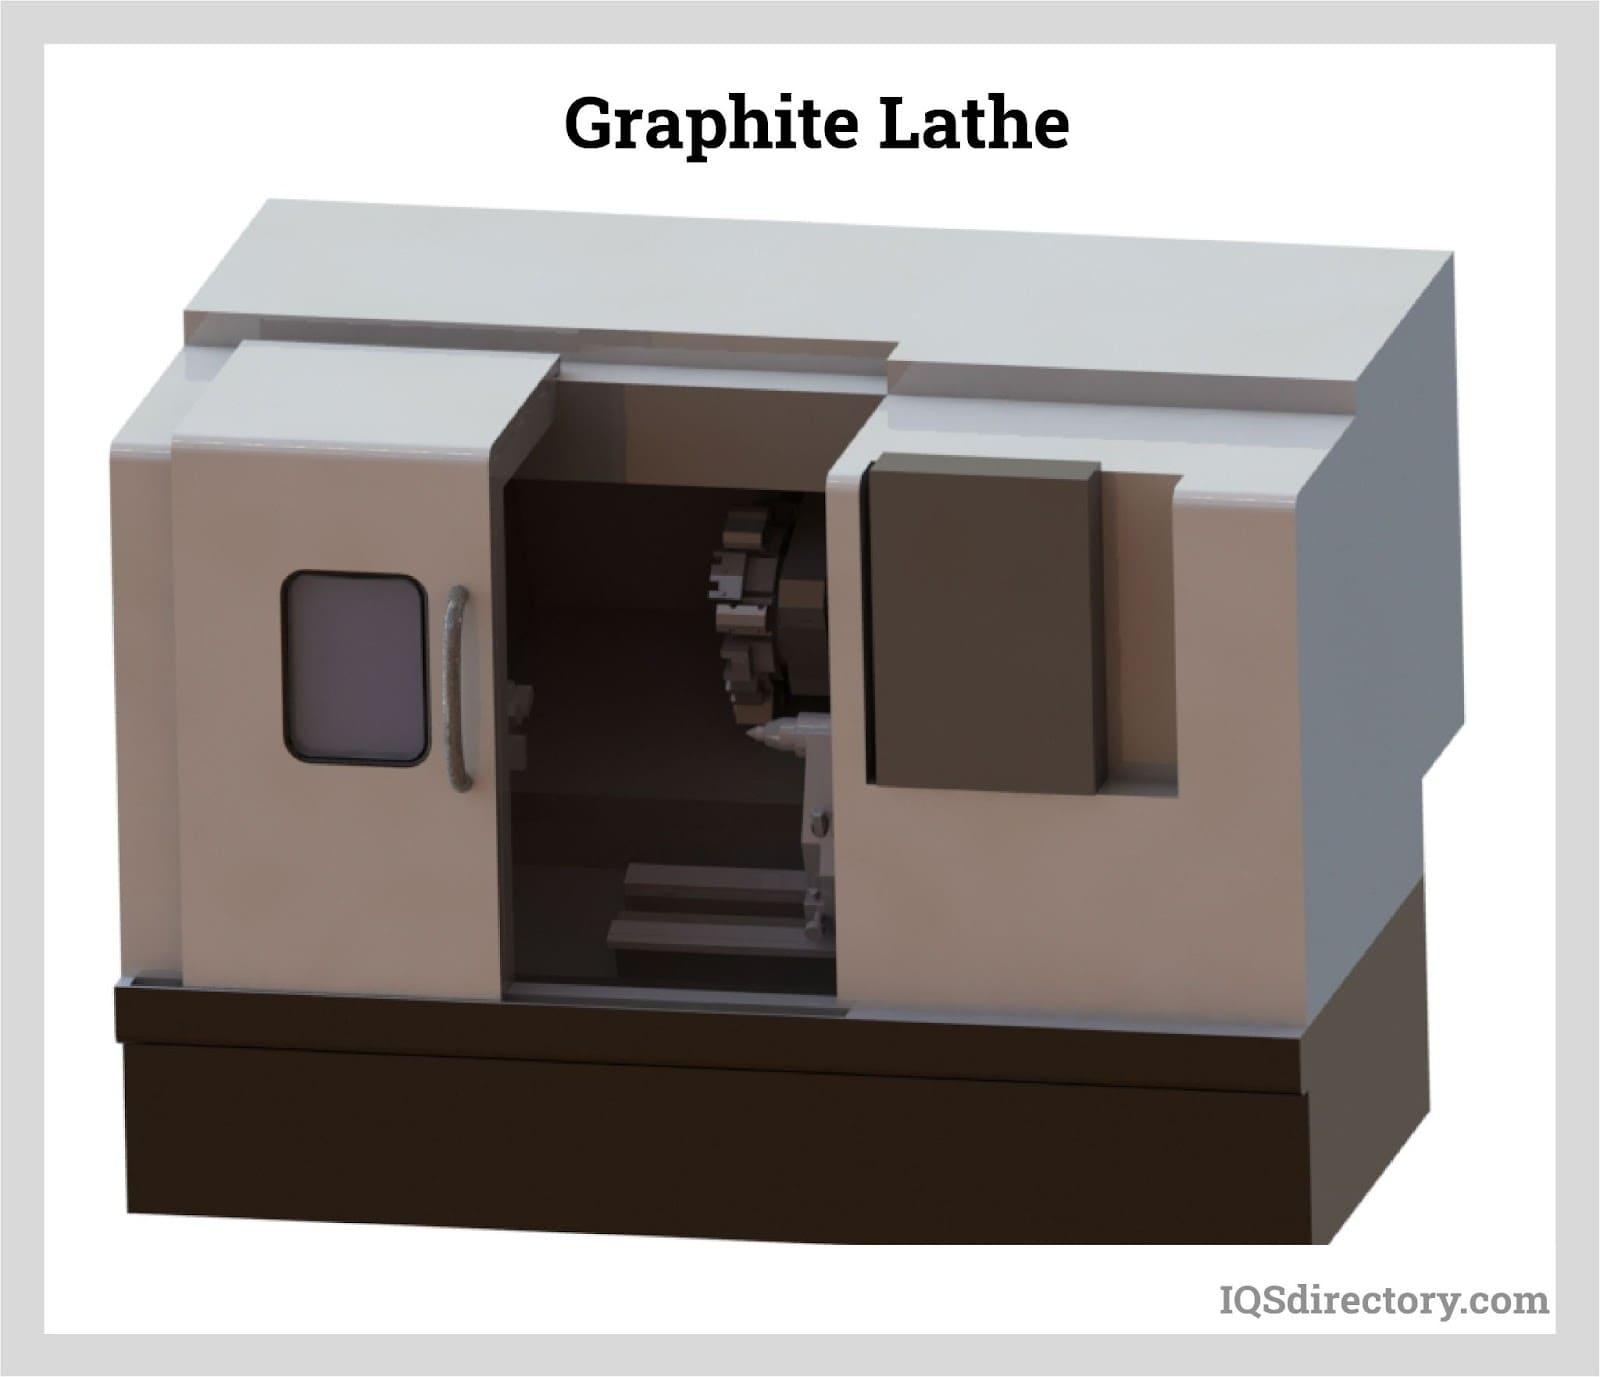 Graphite Lathe